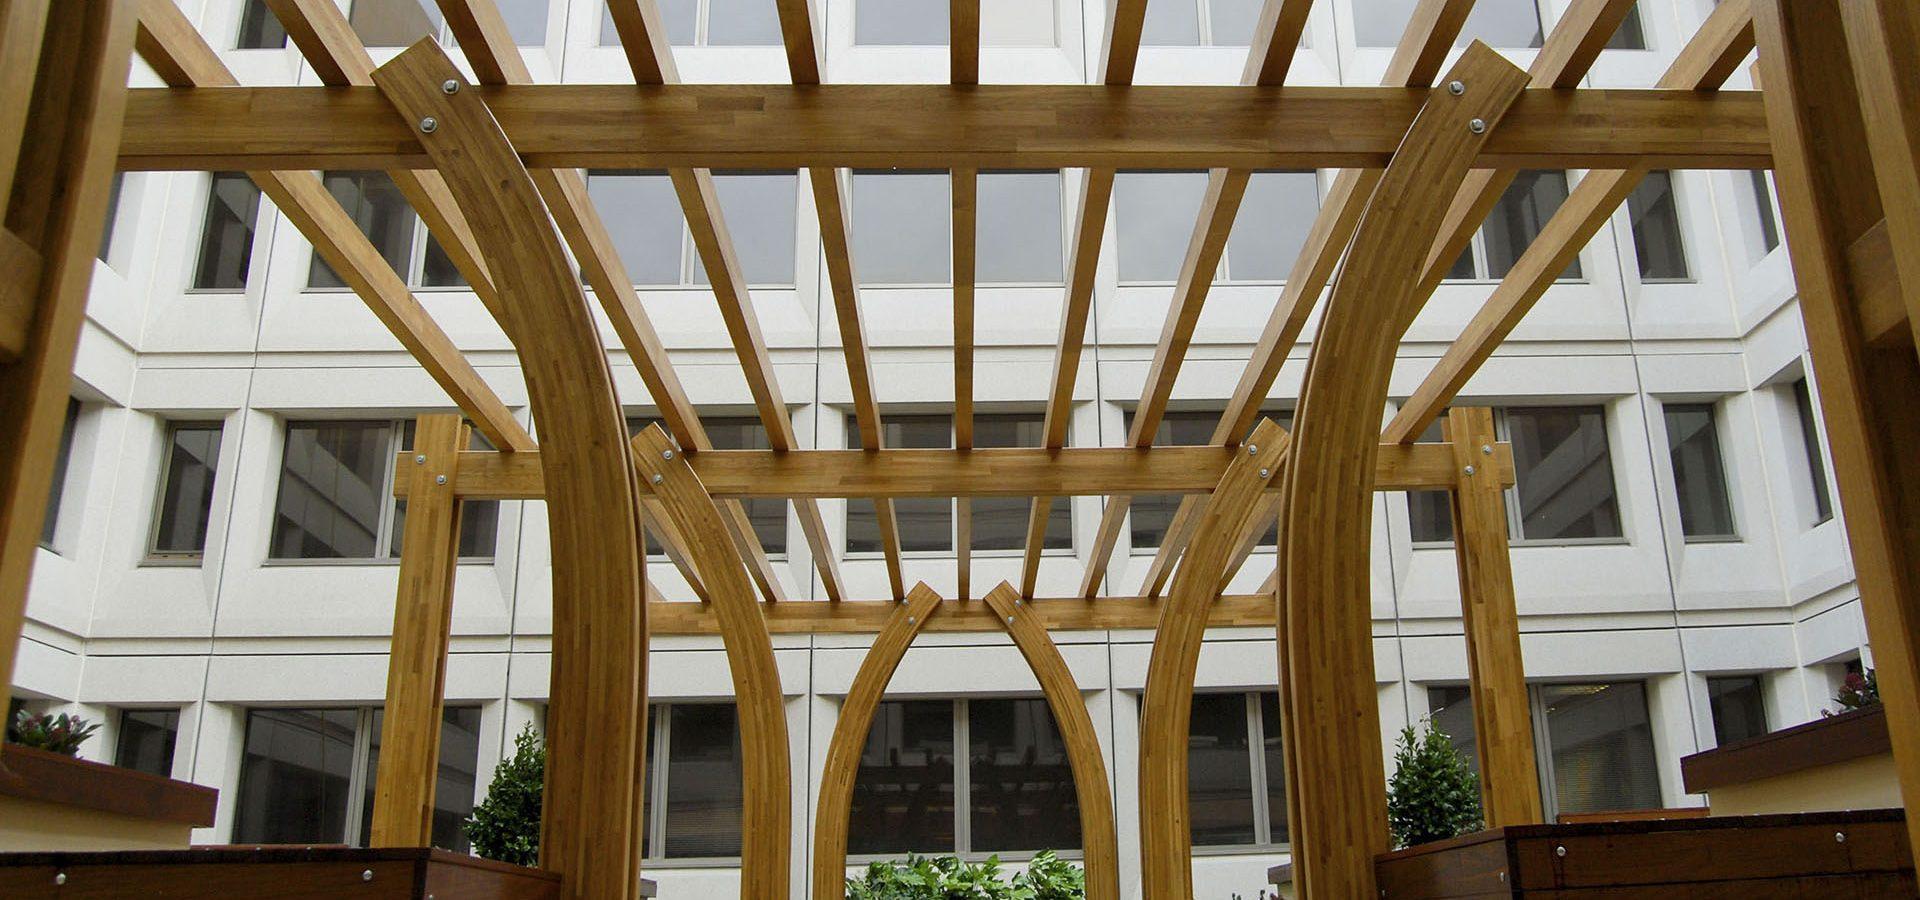 unikatowa drewniana konstrukcja - Jagram-Pro S.A. Francja, Monako